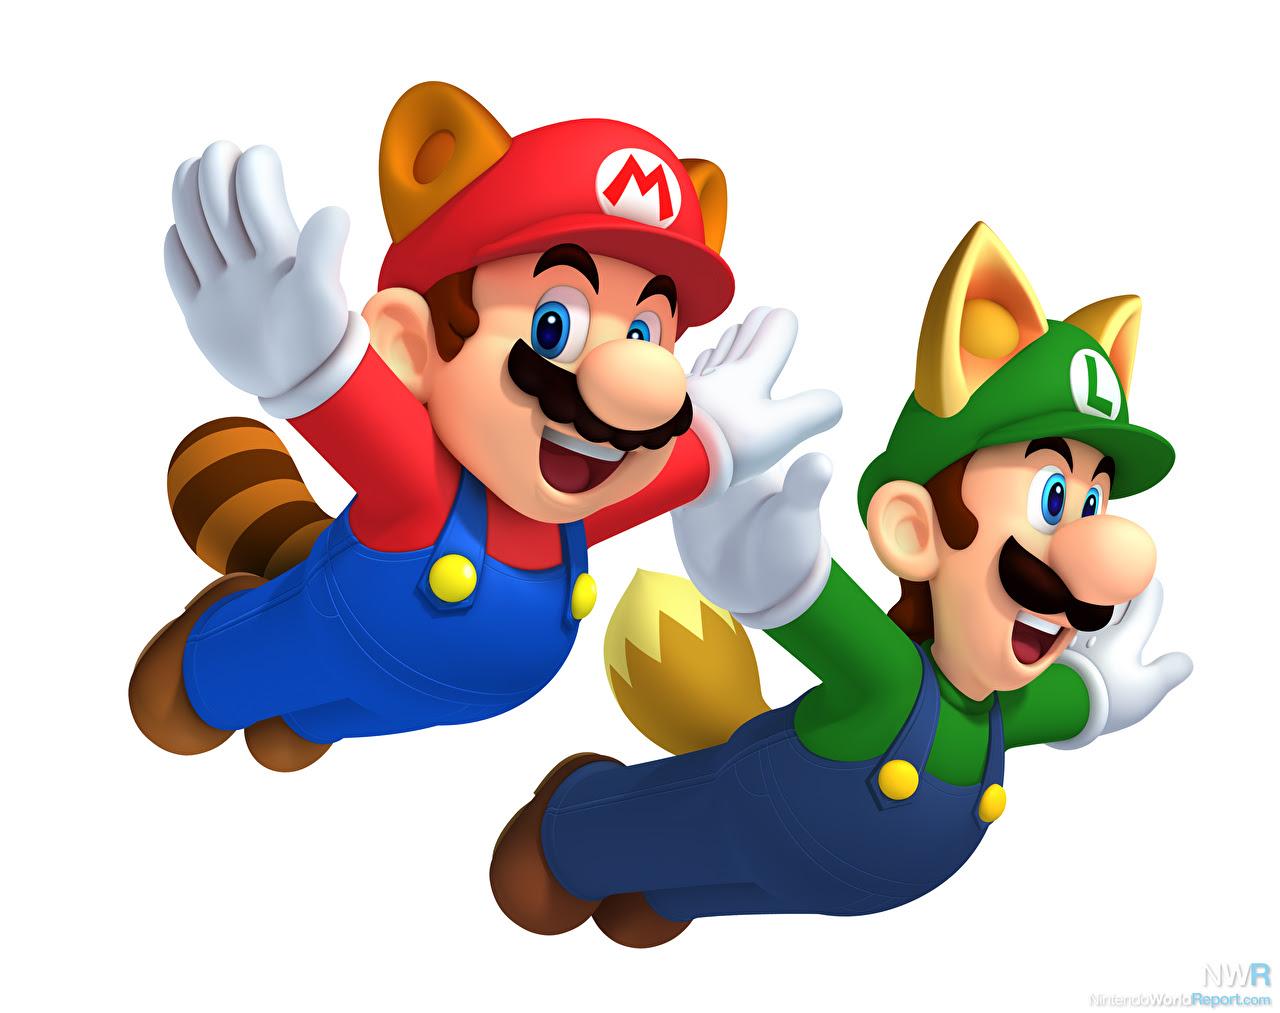 Mario Donning White Tanooki Suit in New Super Mario Bros 2